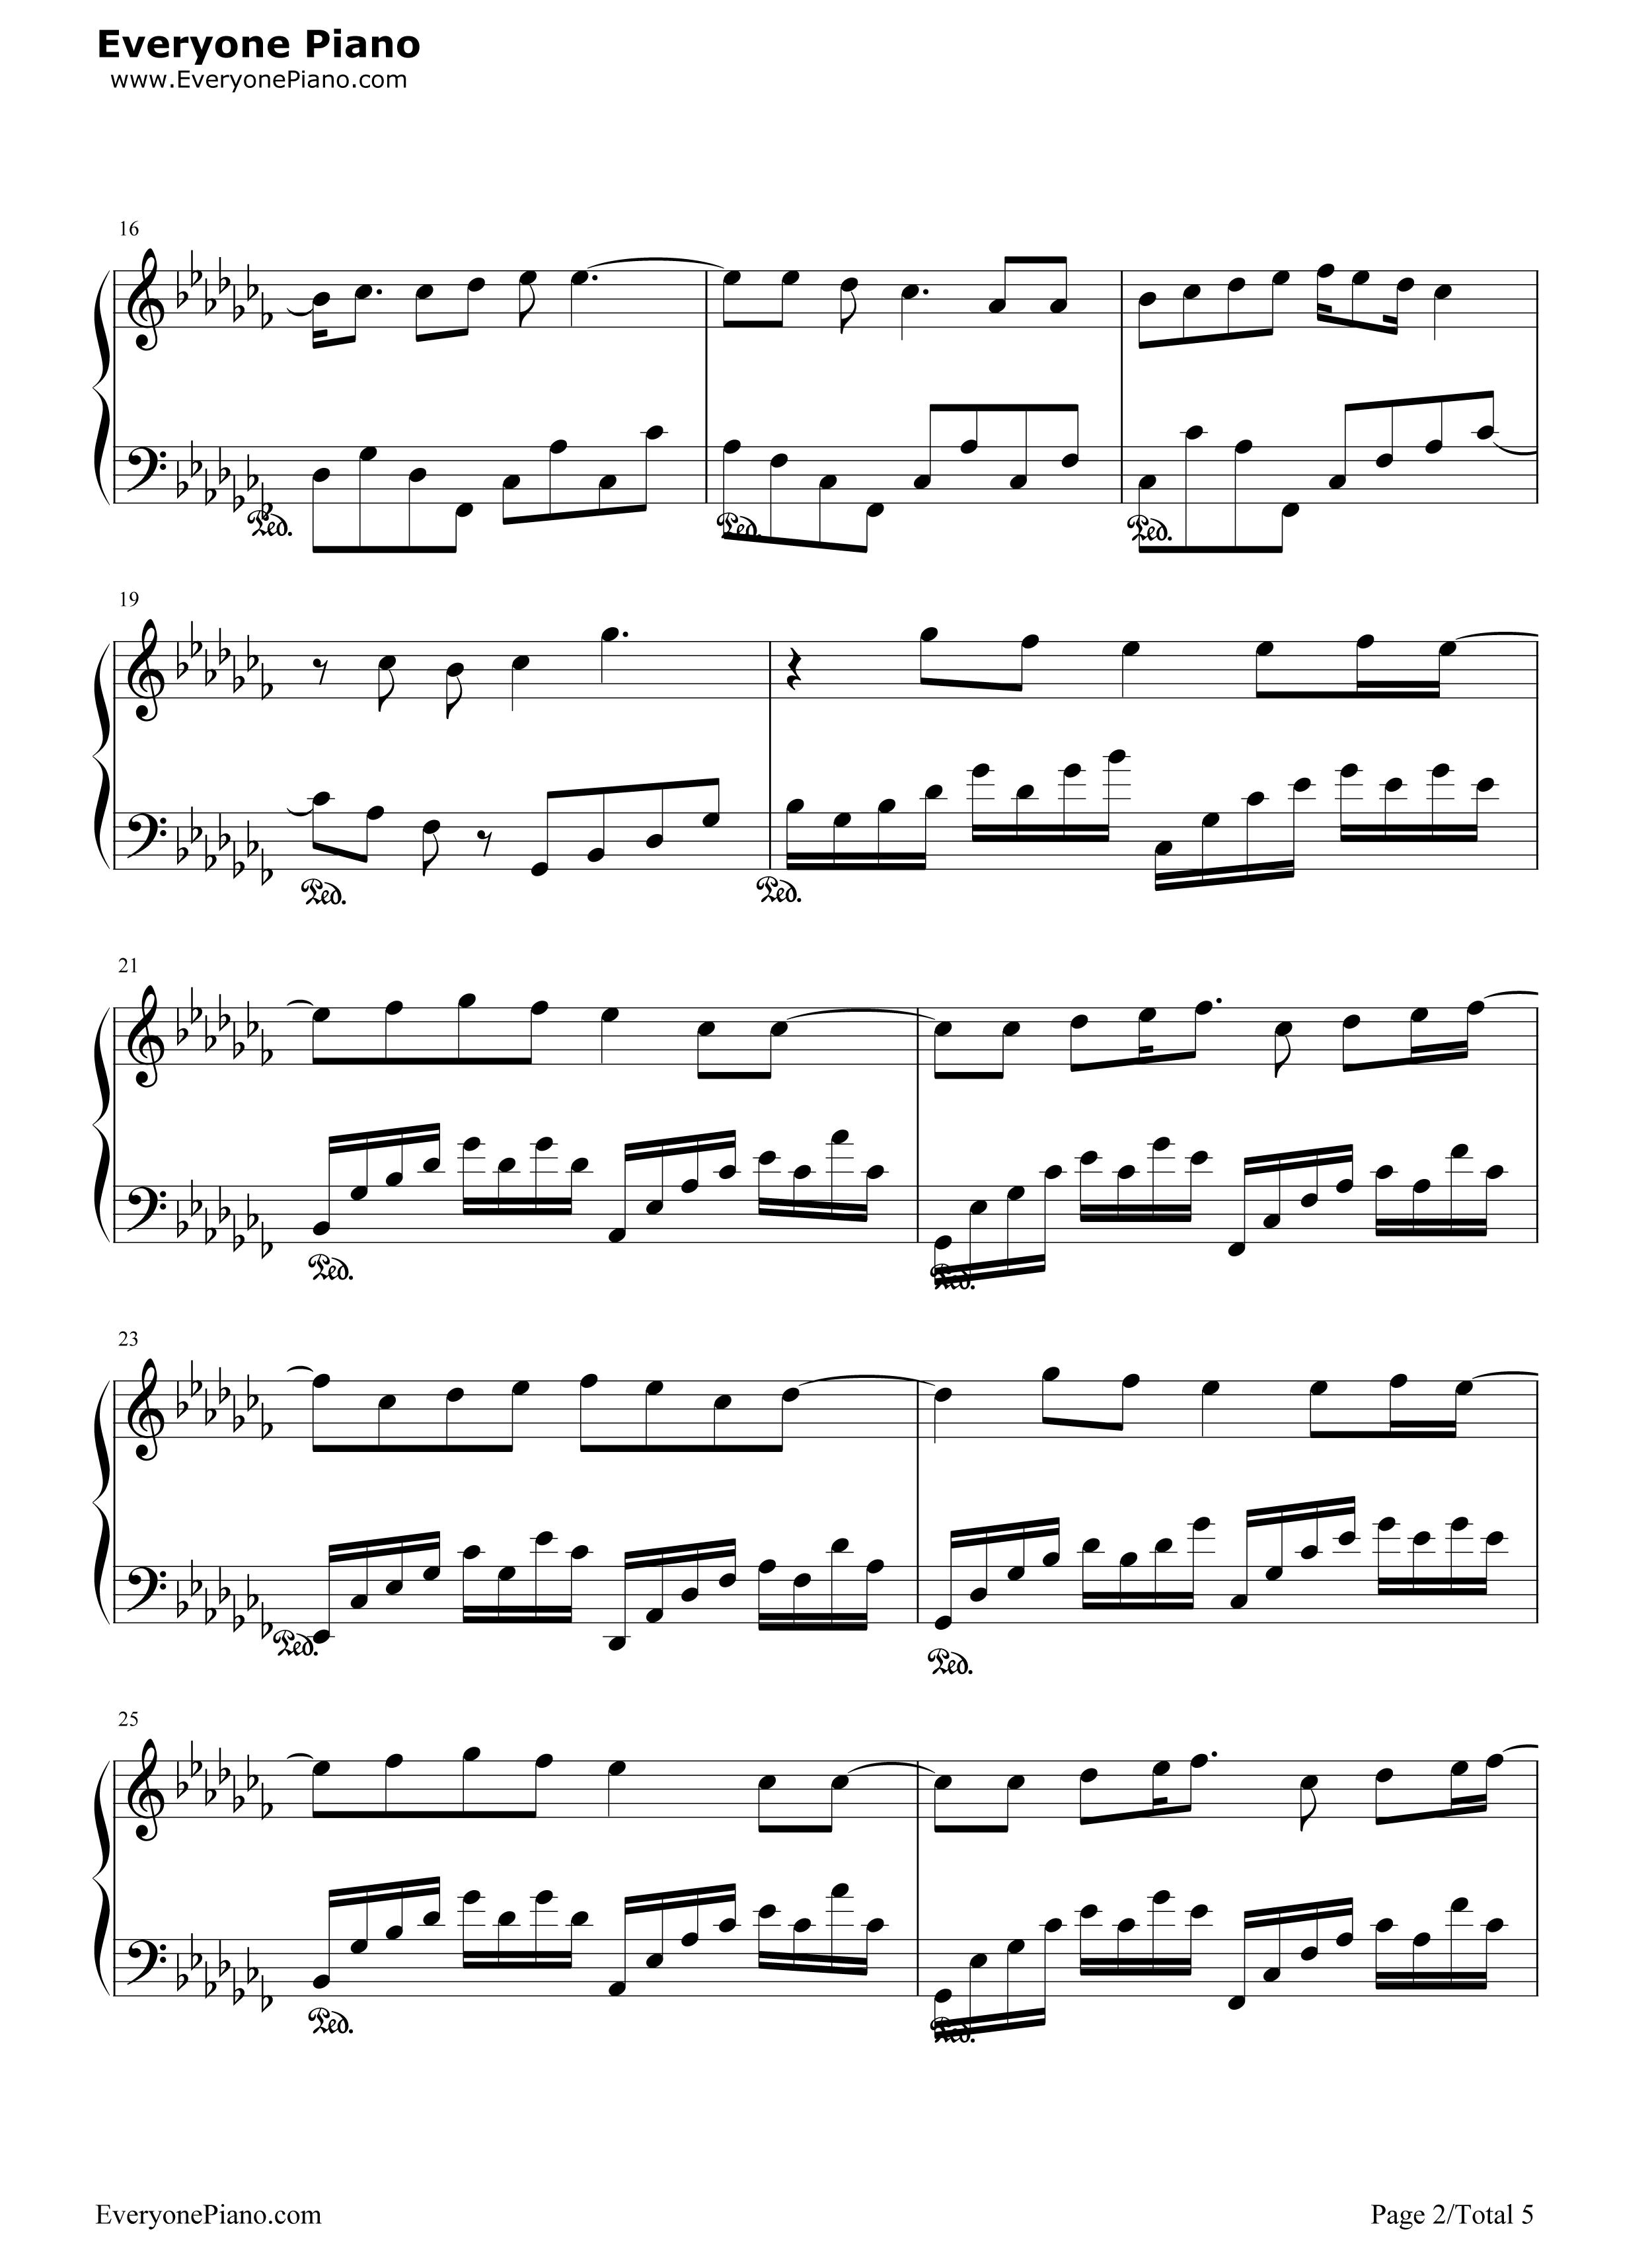 网站首页 钢琴曲谱 流行 仰望星空-张杰 >> 仰望星空-张杰五线谱预览2